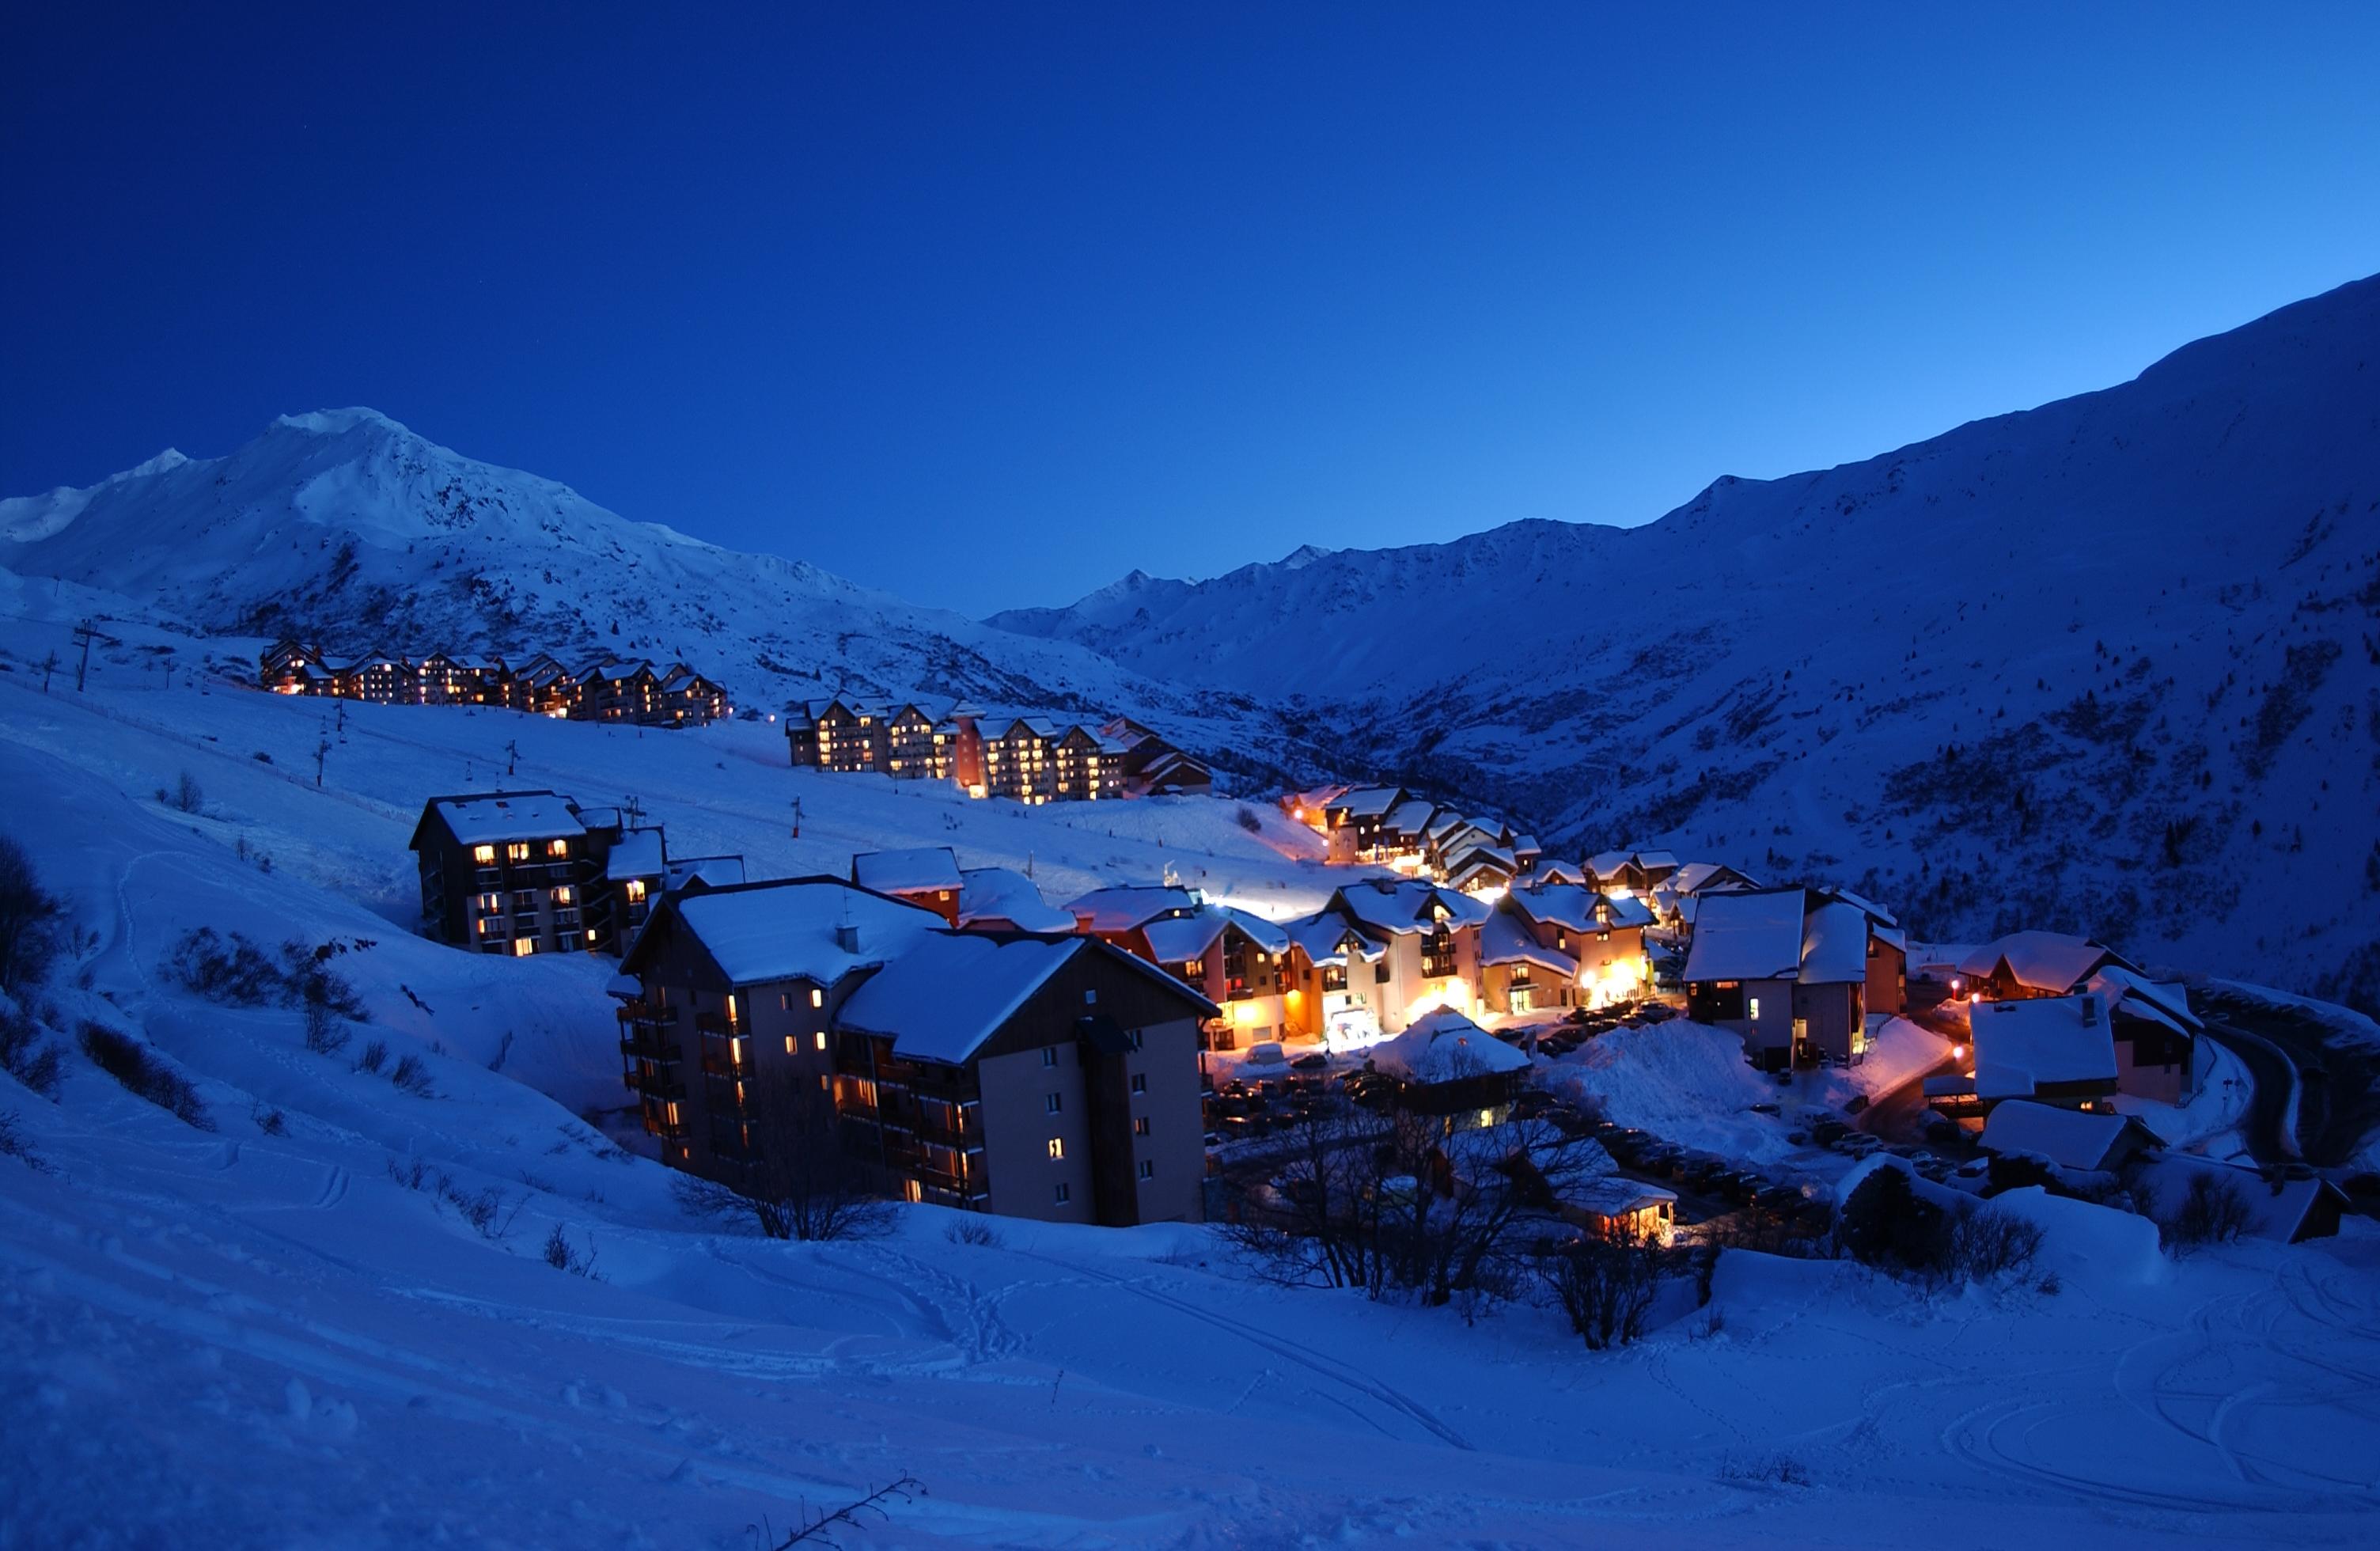 Top reiseziele f r weihnachten im schnee wei e weihnachten - Office du tourisme valmeinier 1800 ...